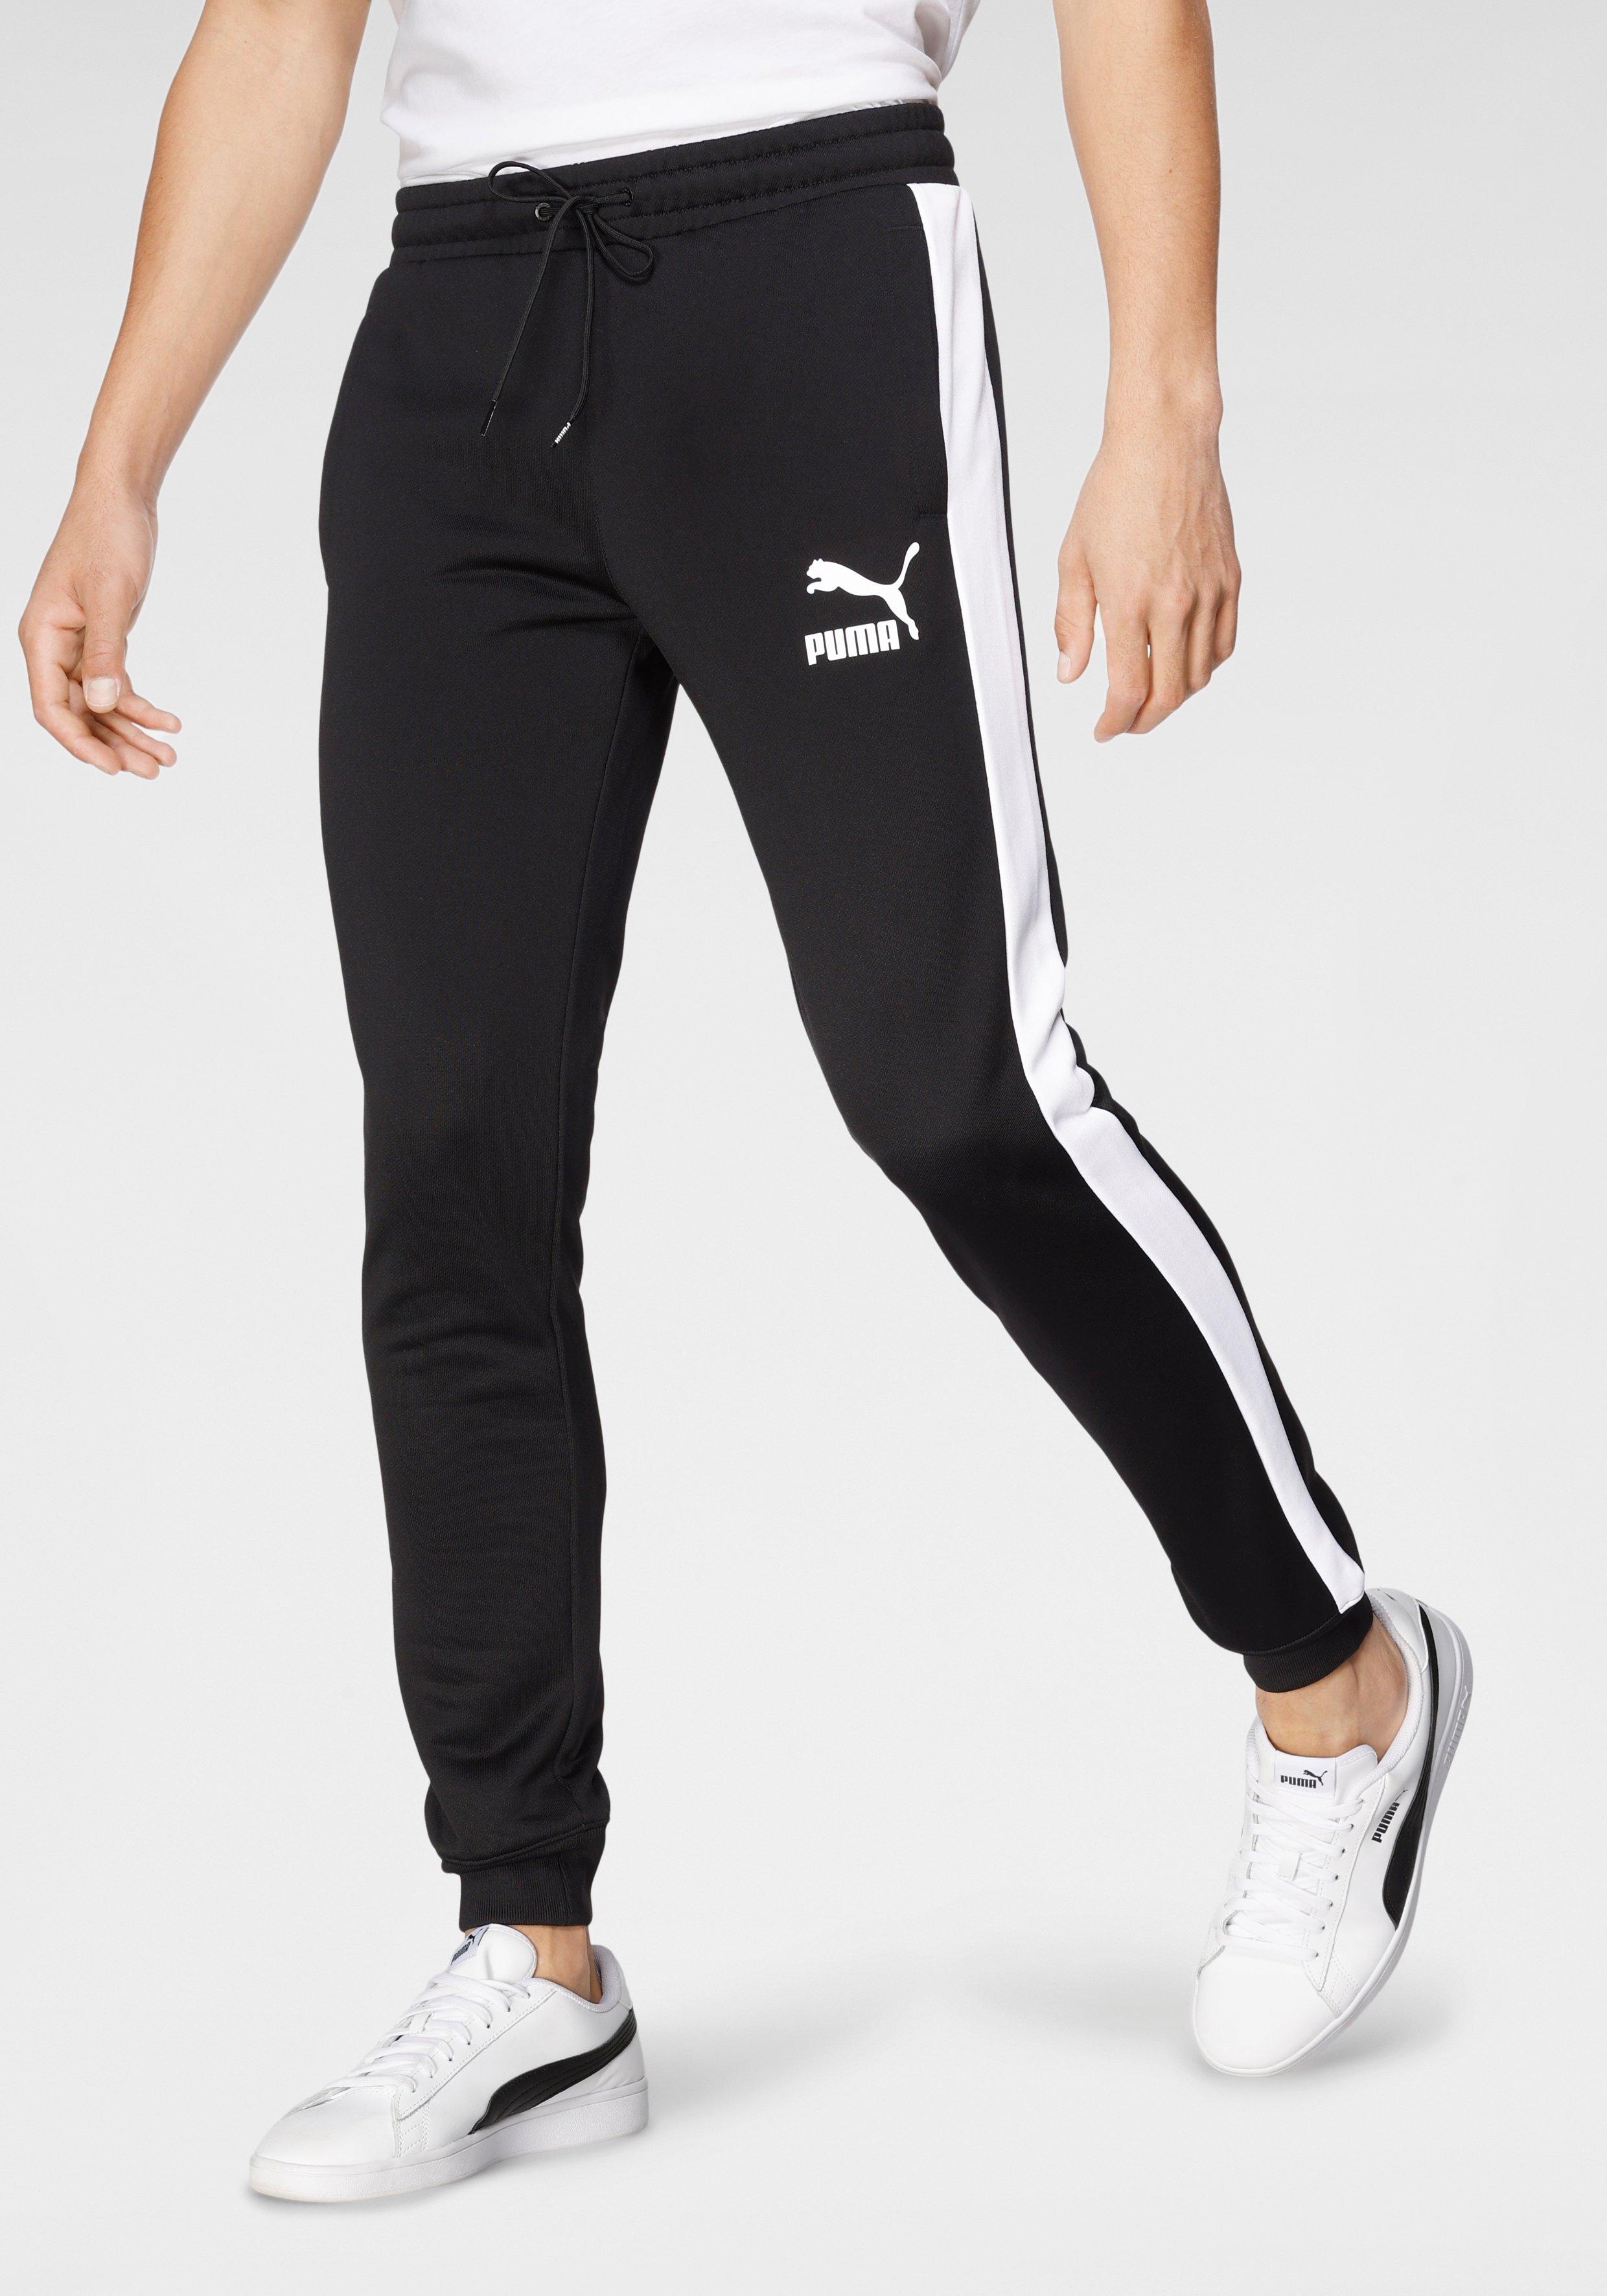 PUMA joggingbroek Iconic T7 Track Pants PT bij OTTO online kopen